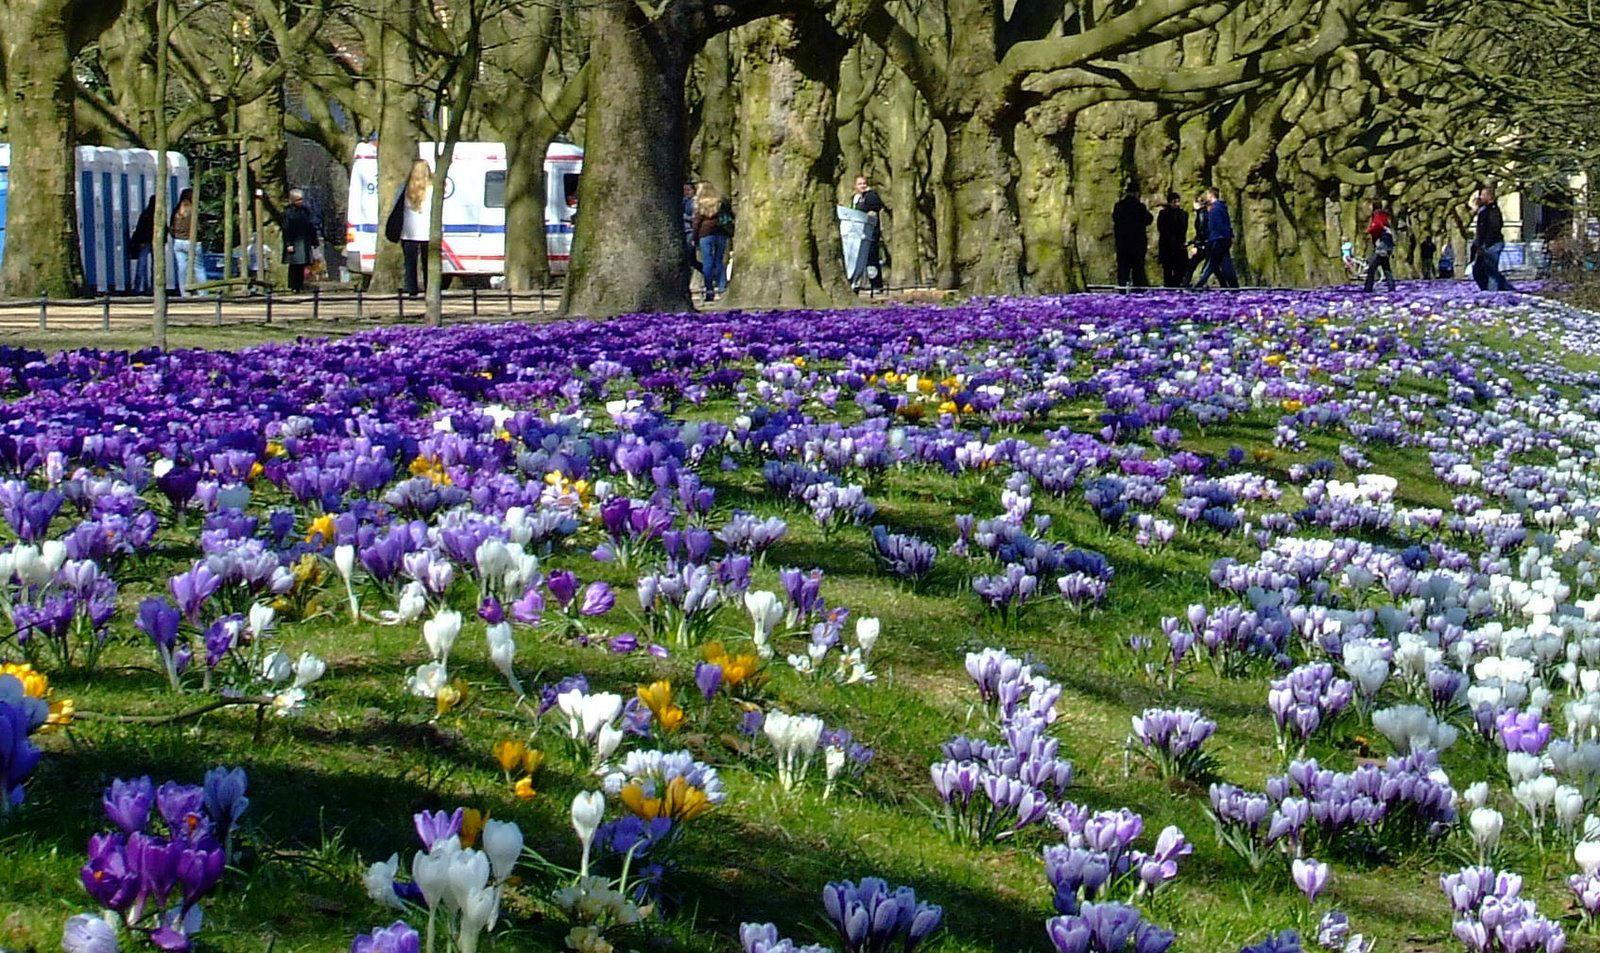 Earlly Spring in Szczecin